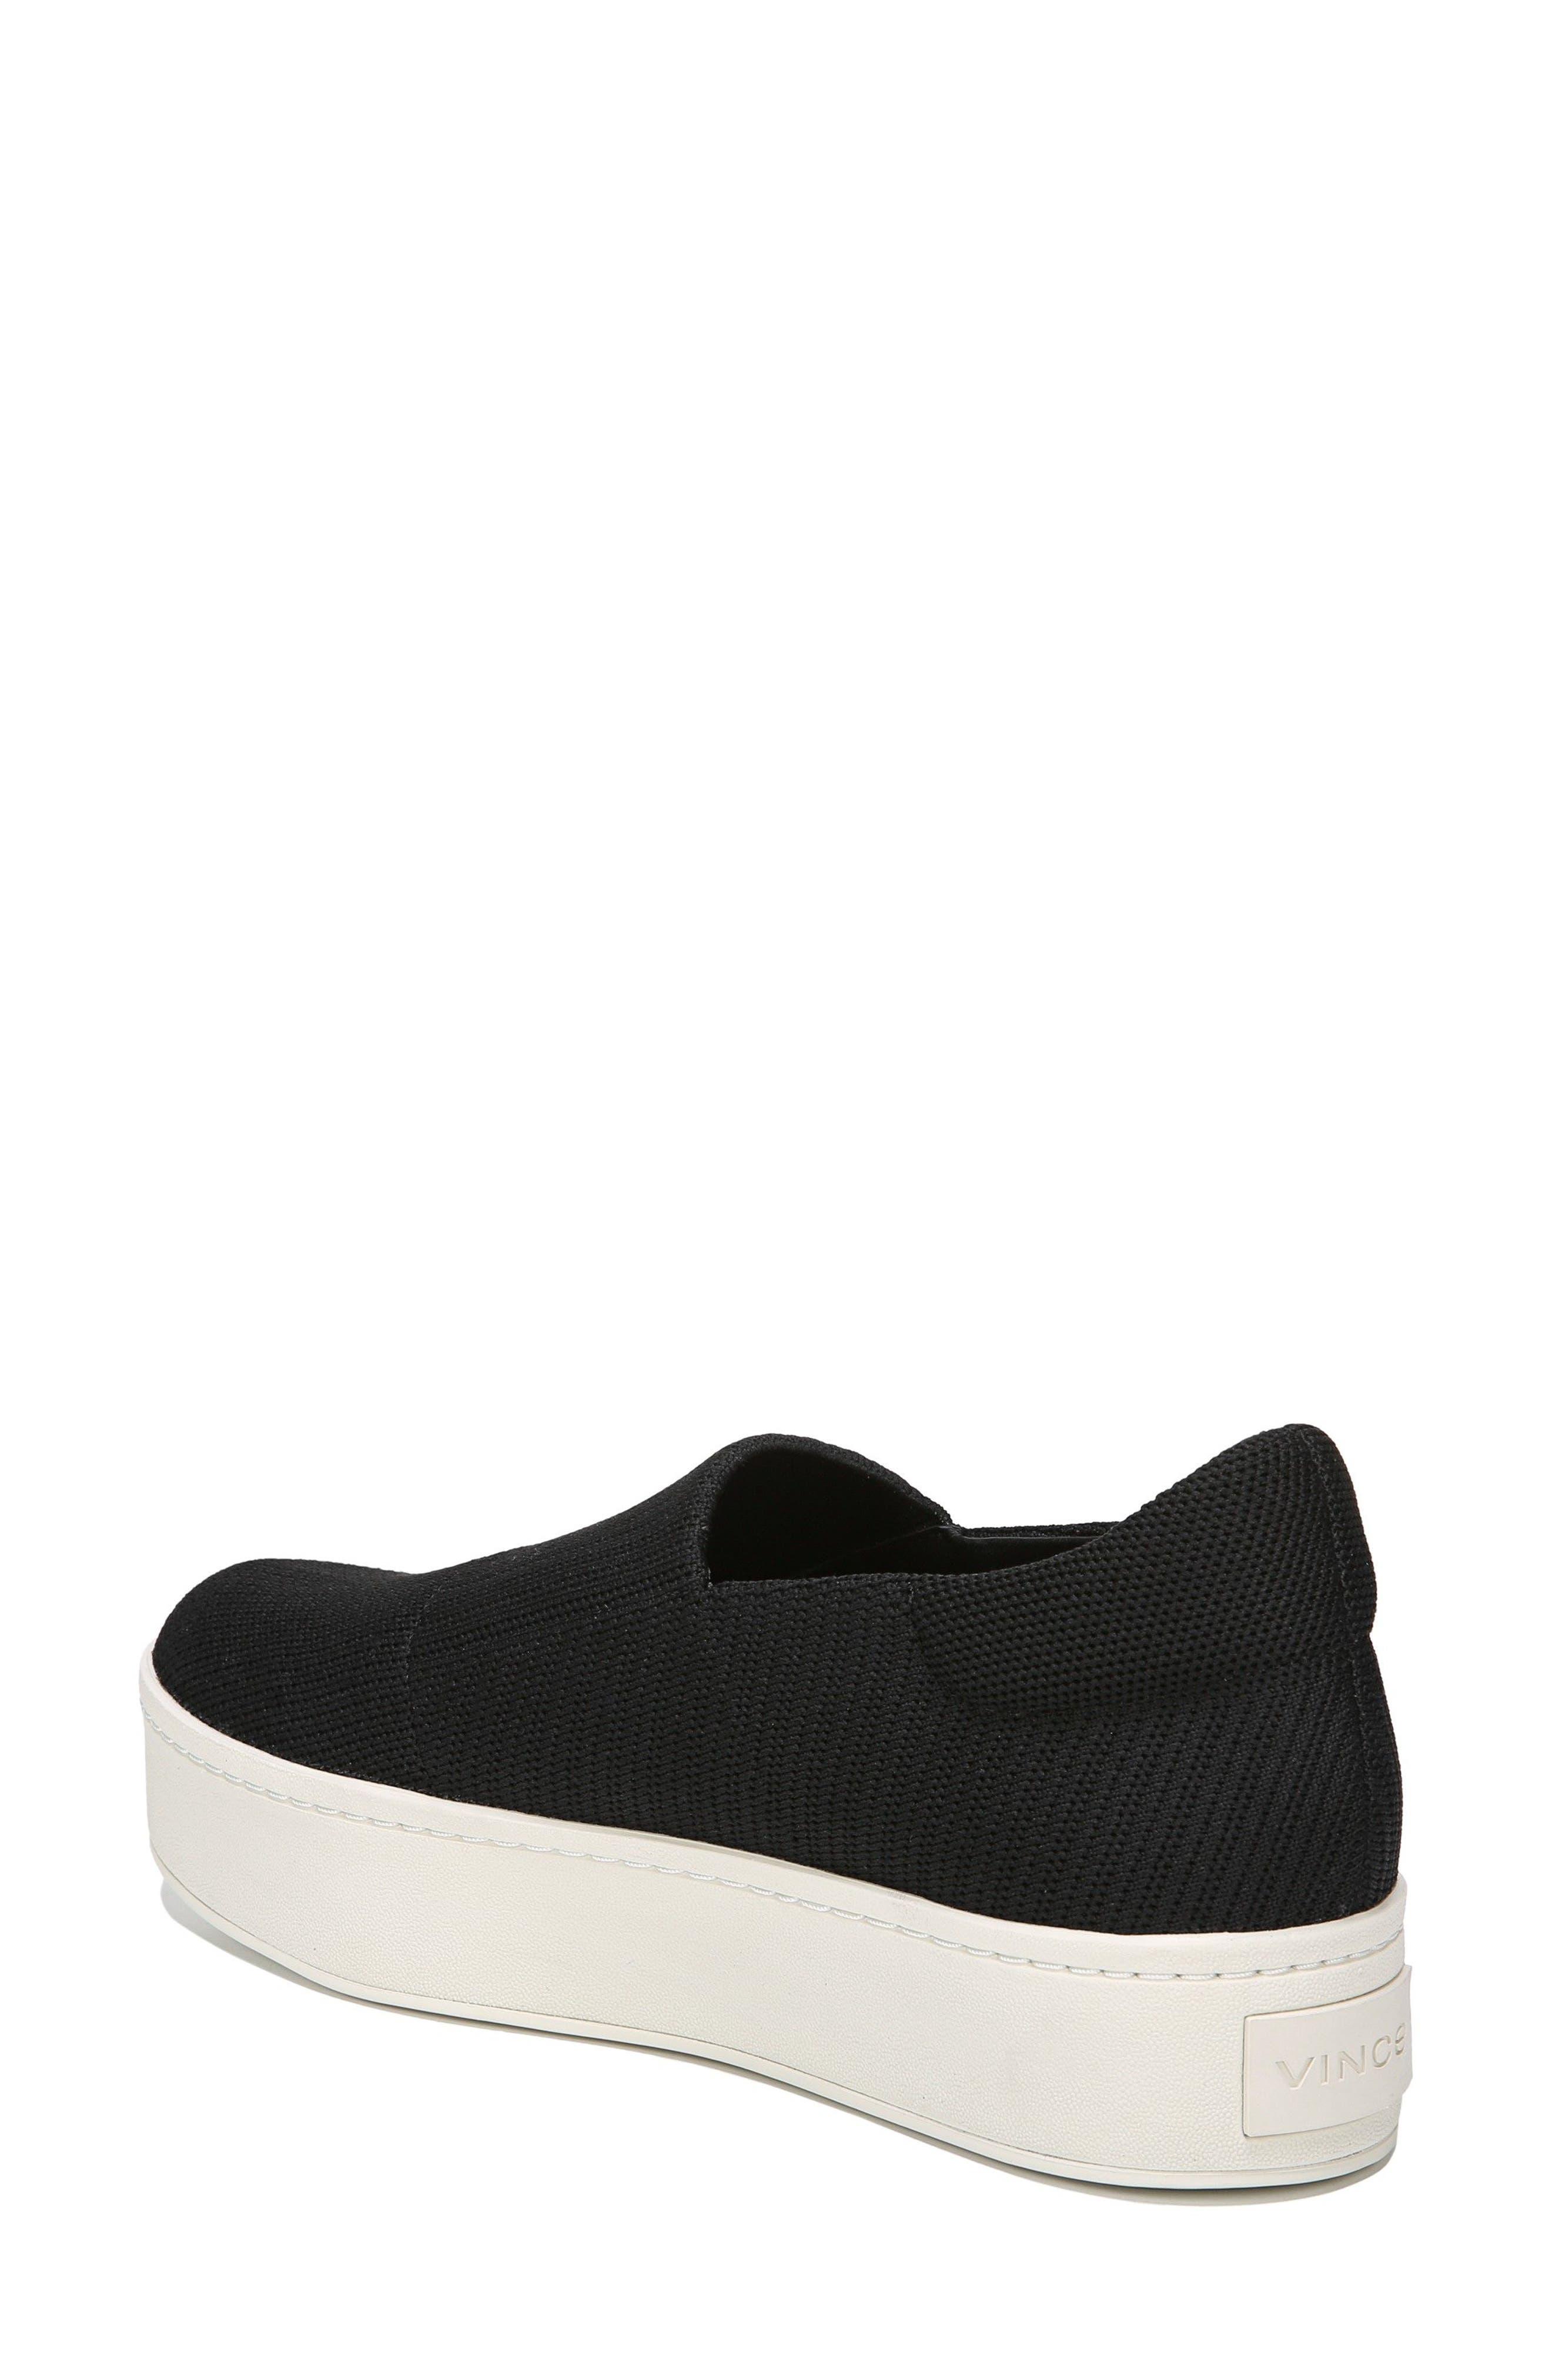 Walsh Slip-On Sneaker,                             Alternate thumbnail 2, color,                             001